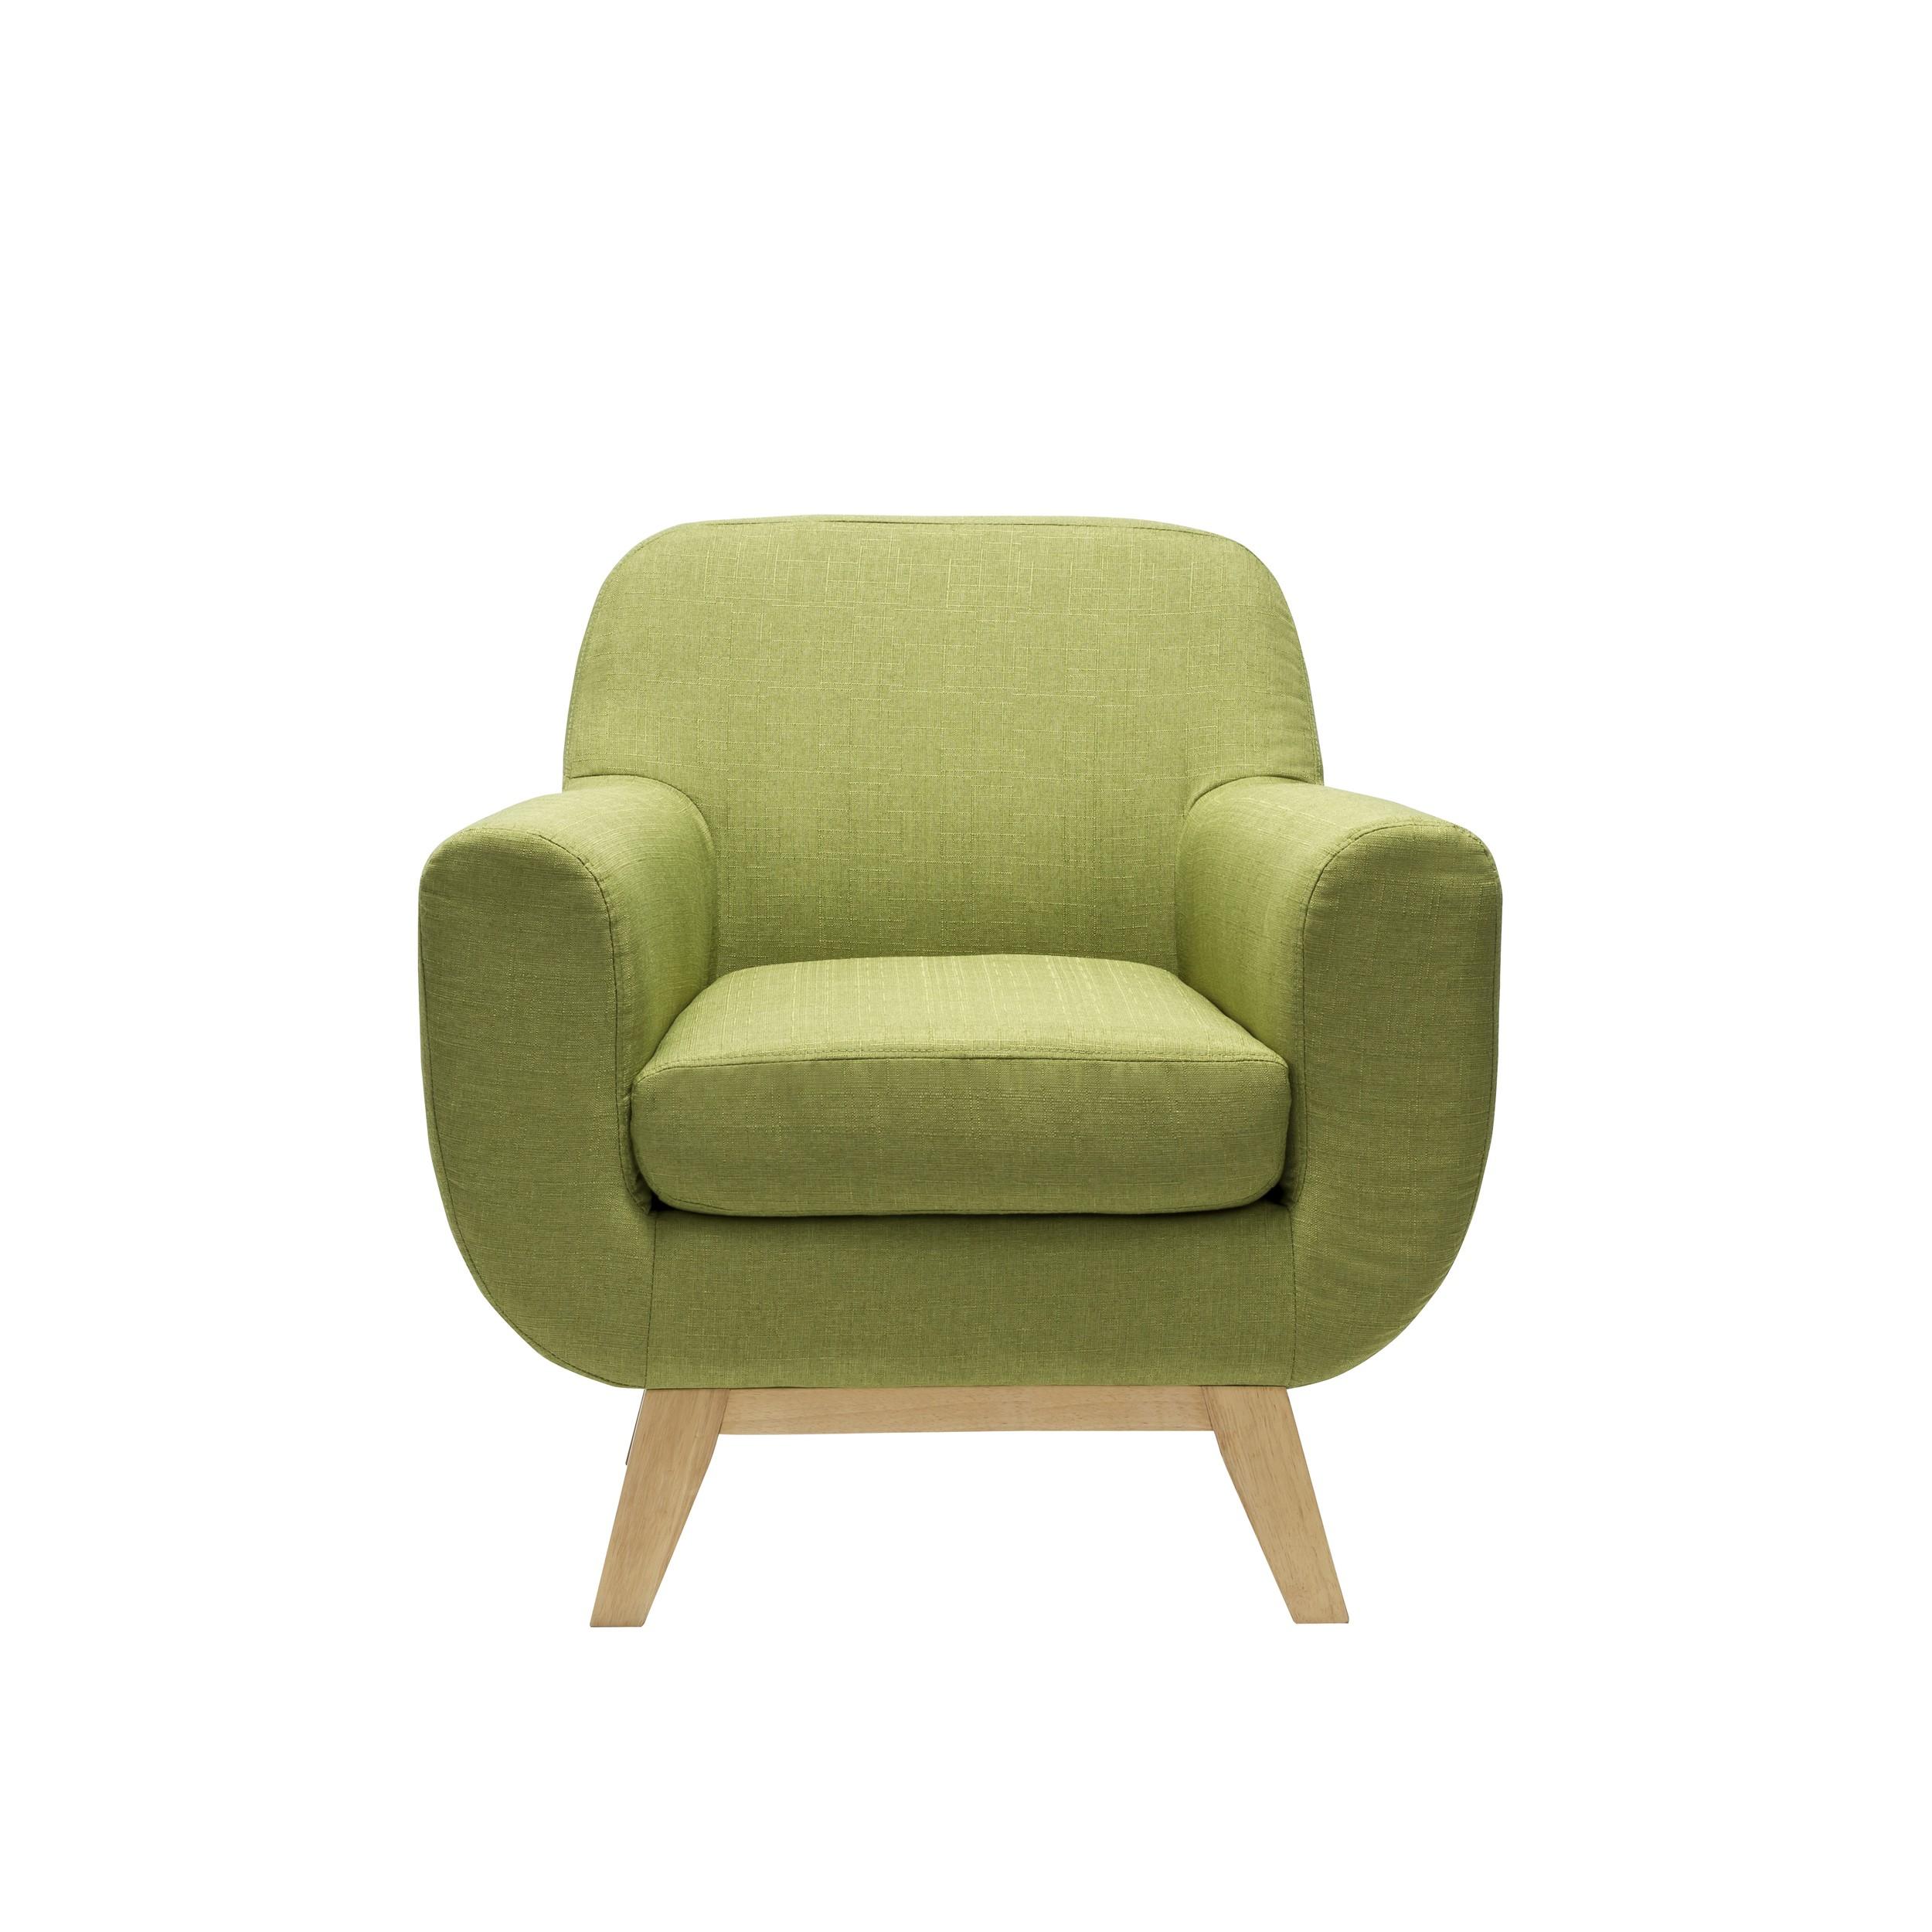 fauteuil copenhague vert commandez nos fauteuils copenhague verts design rdv d co. Black Bedroom Furniture Sets. Home Design Ideas